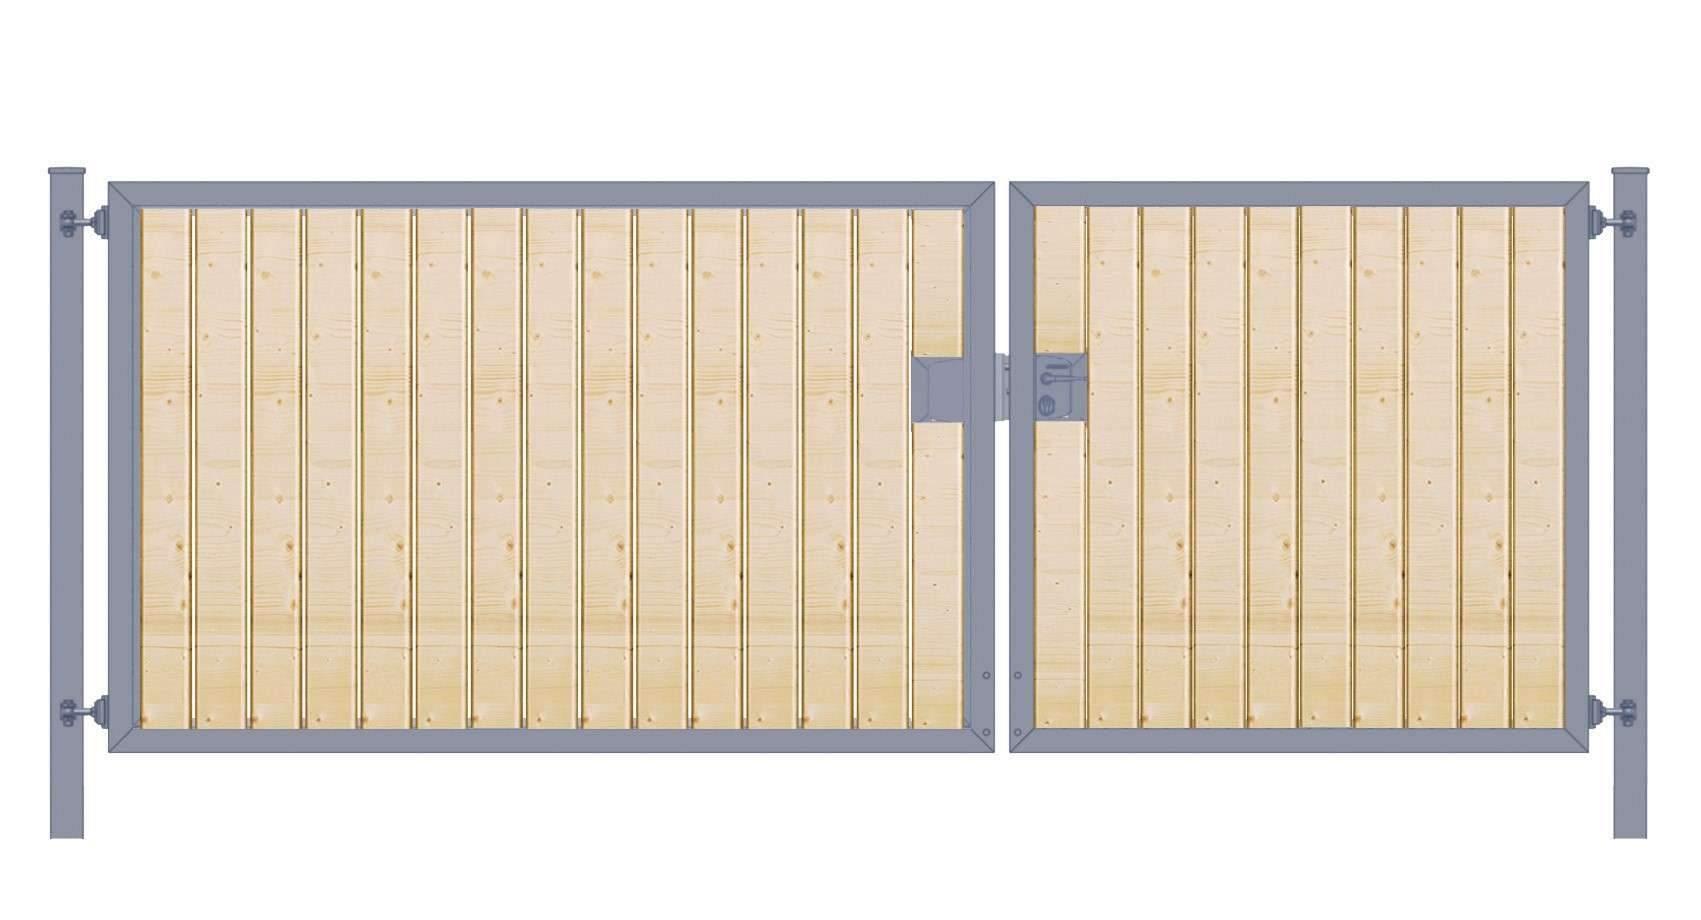 Einfahrtstor Holzfuellung senkrecht Premium zweifluegelig asymmetrisch anthrazit5cab13dfe69ac 1280x1280 2x